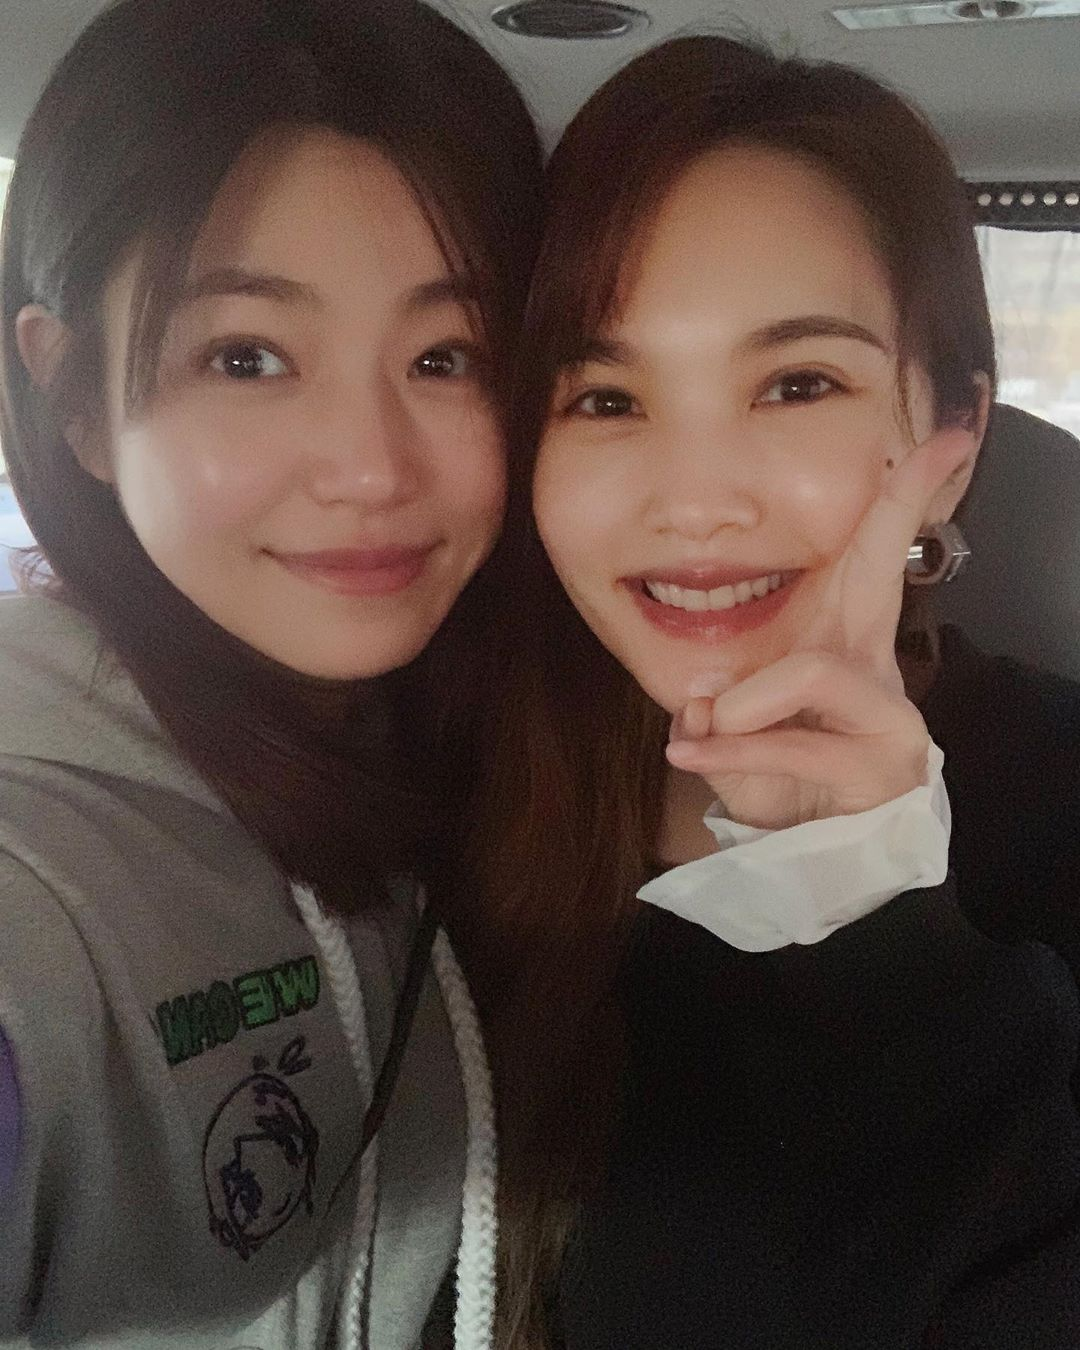 陳妍希、楊丞琳抽空相約,不甩另一半互稱「寶貝」。